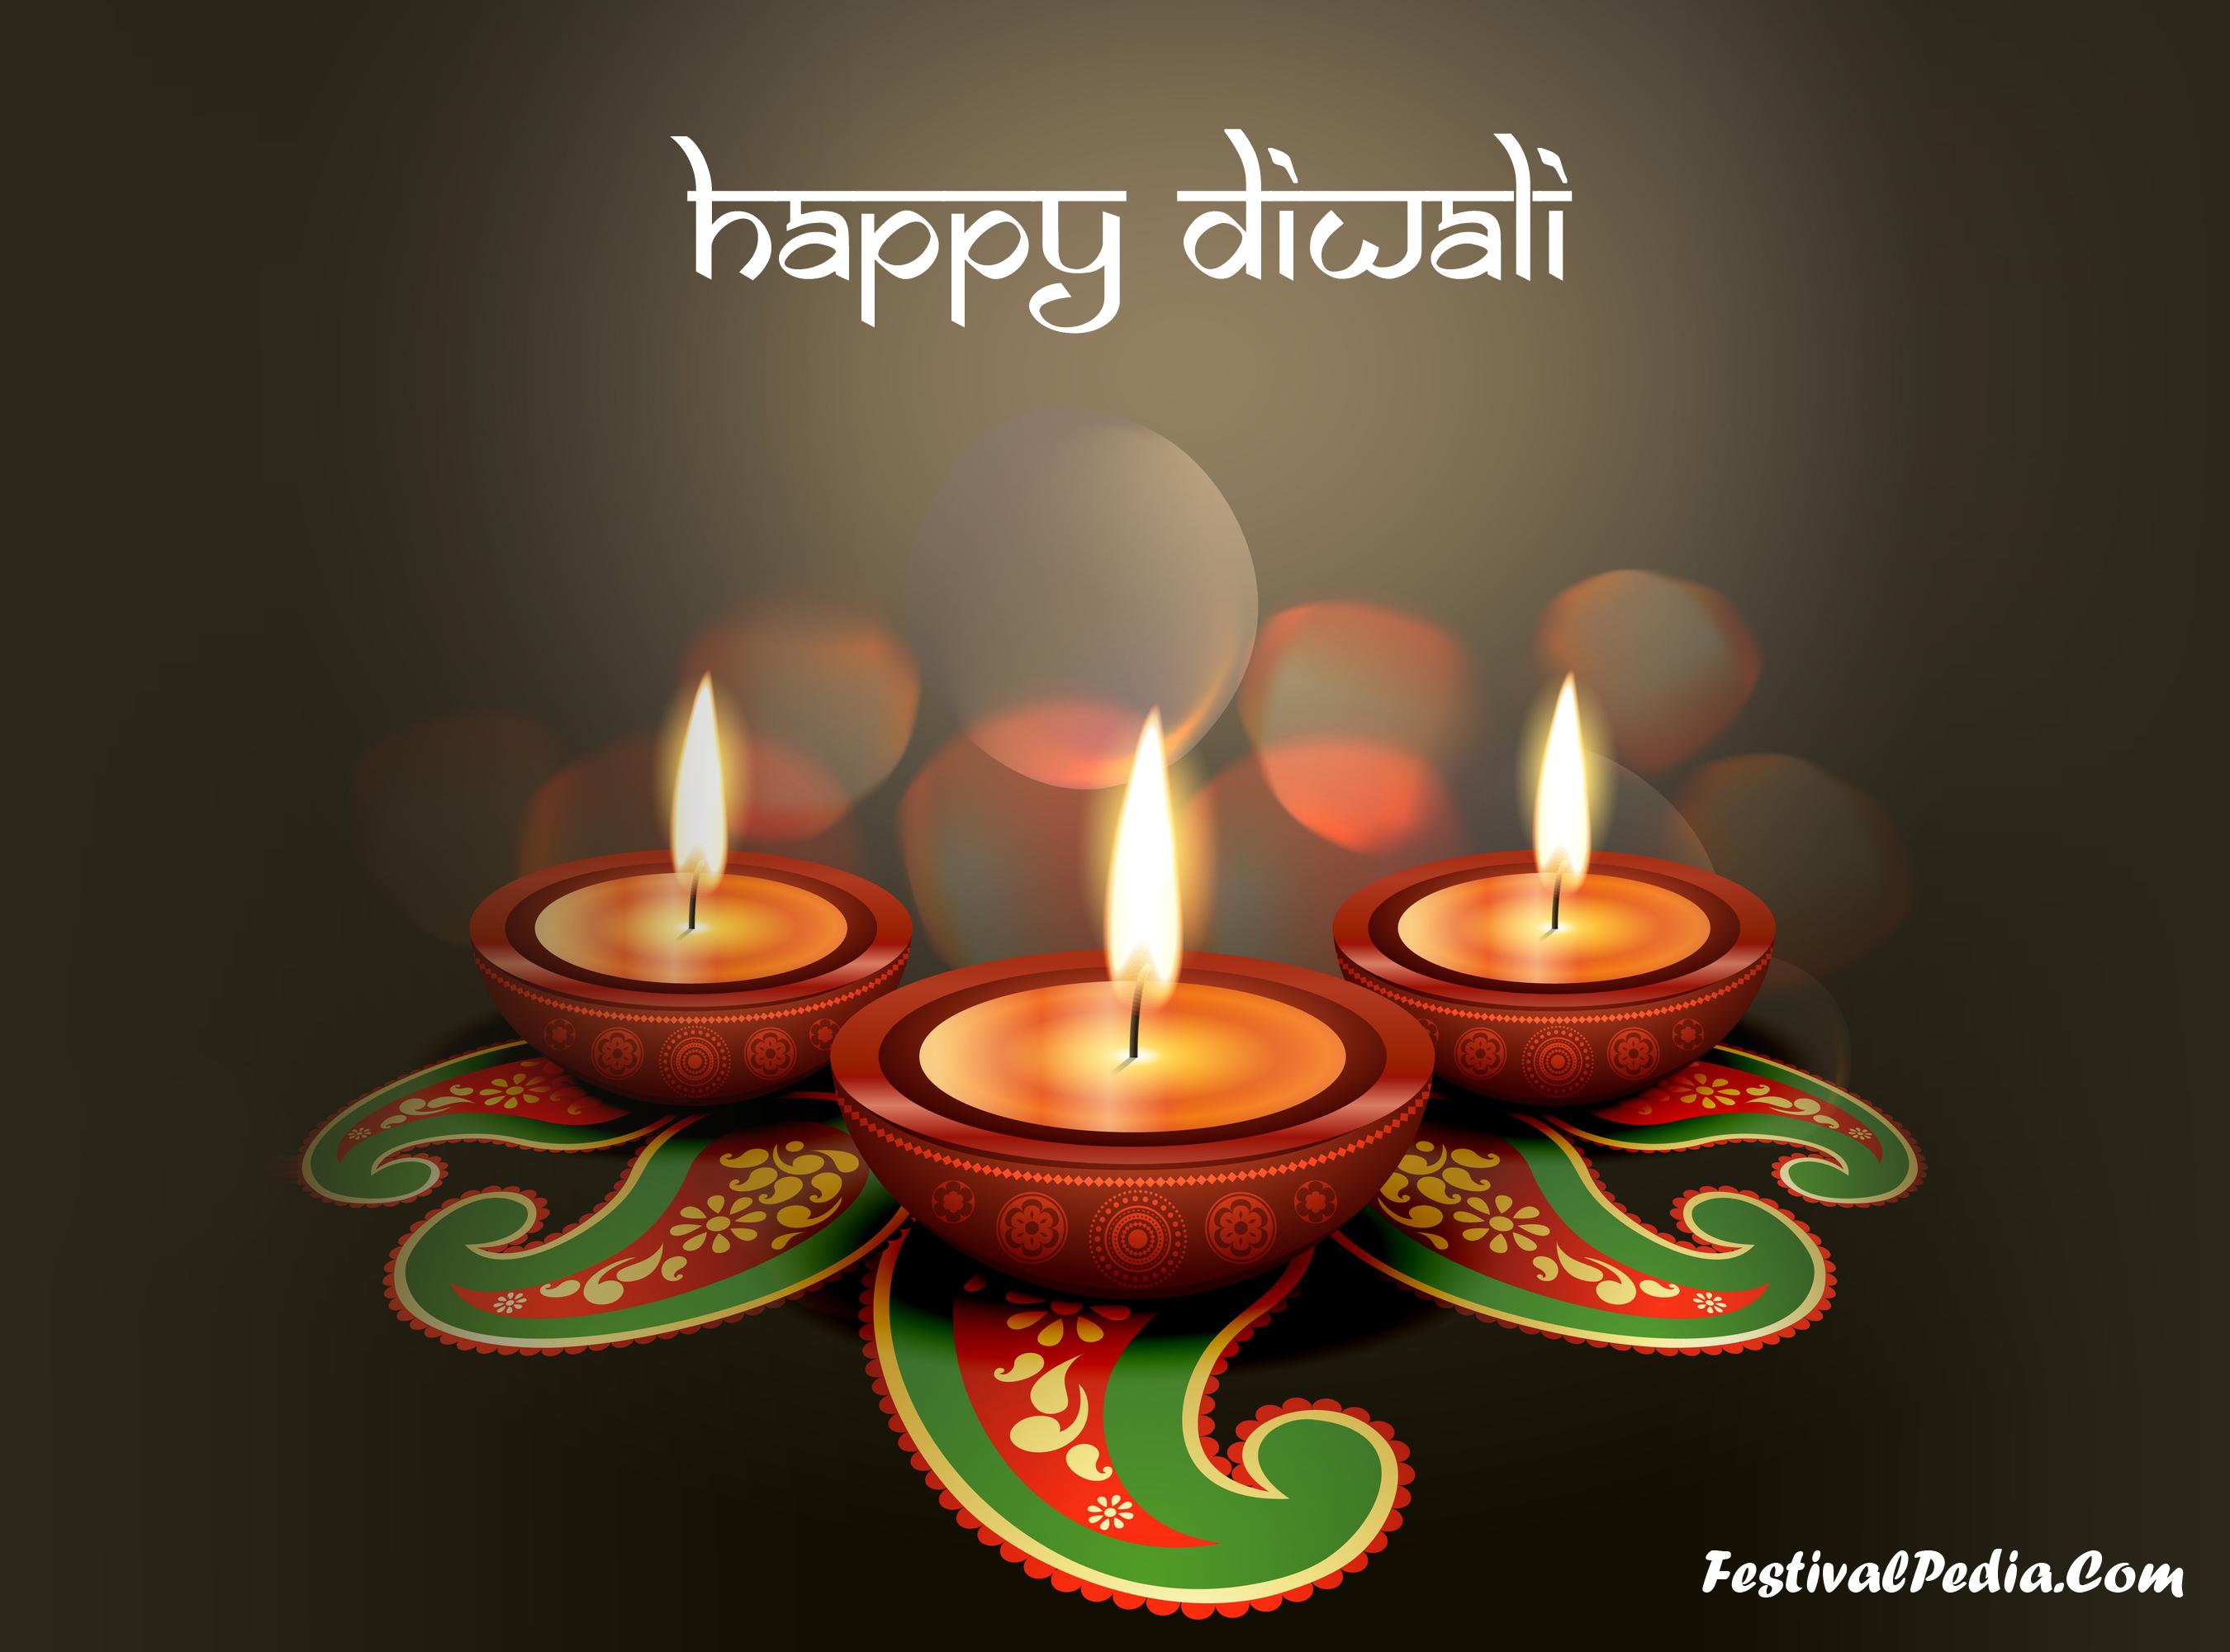 Deepawali Hd Wallpaper Diwali Wallpapers Pinterest Happy